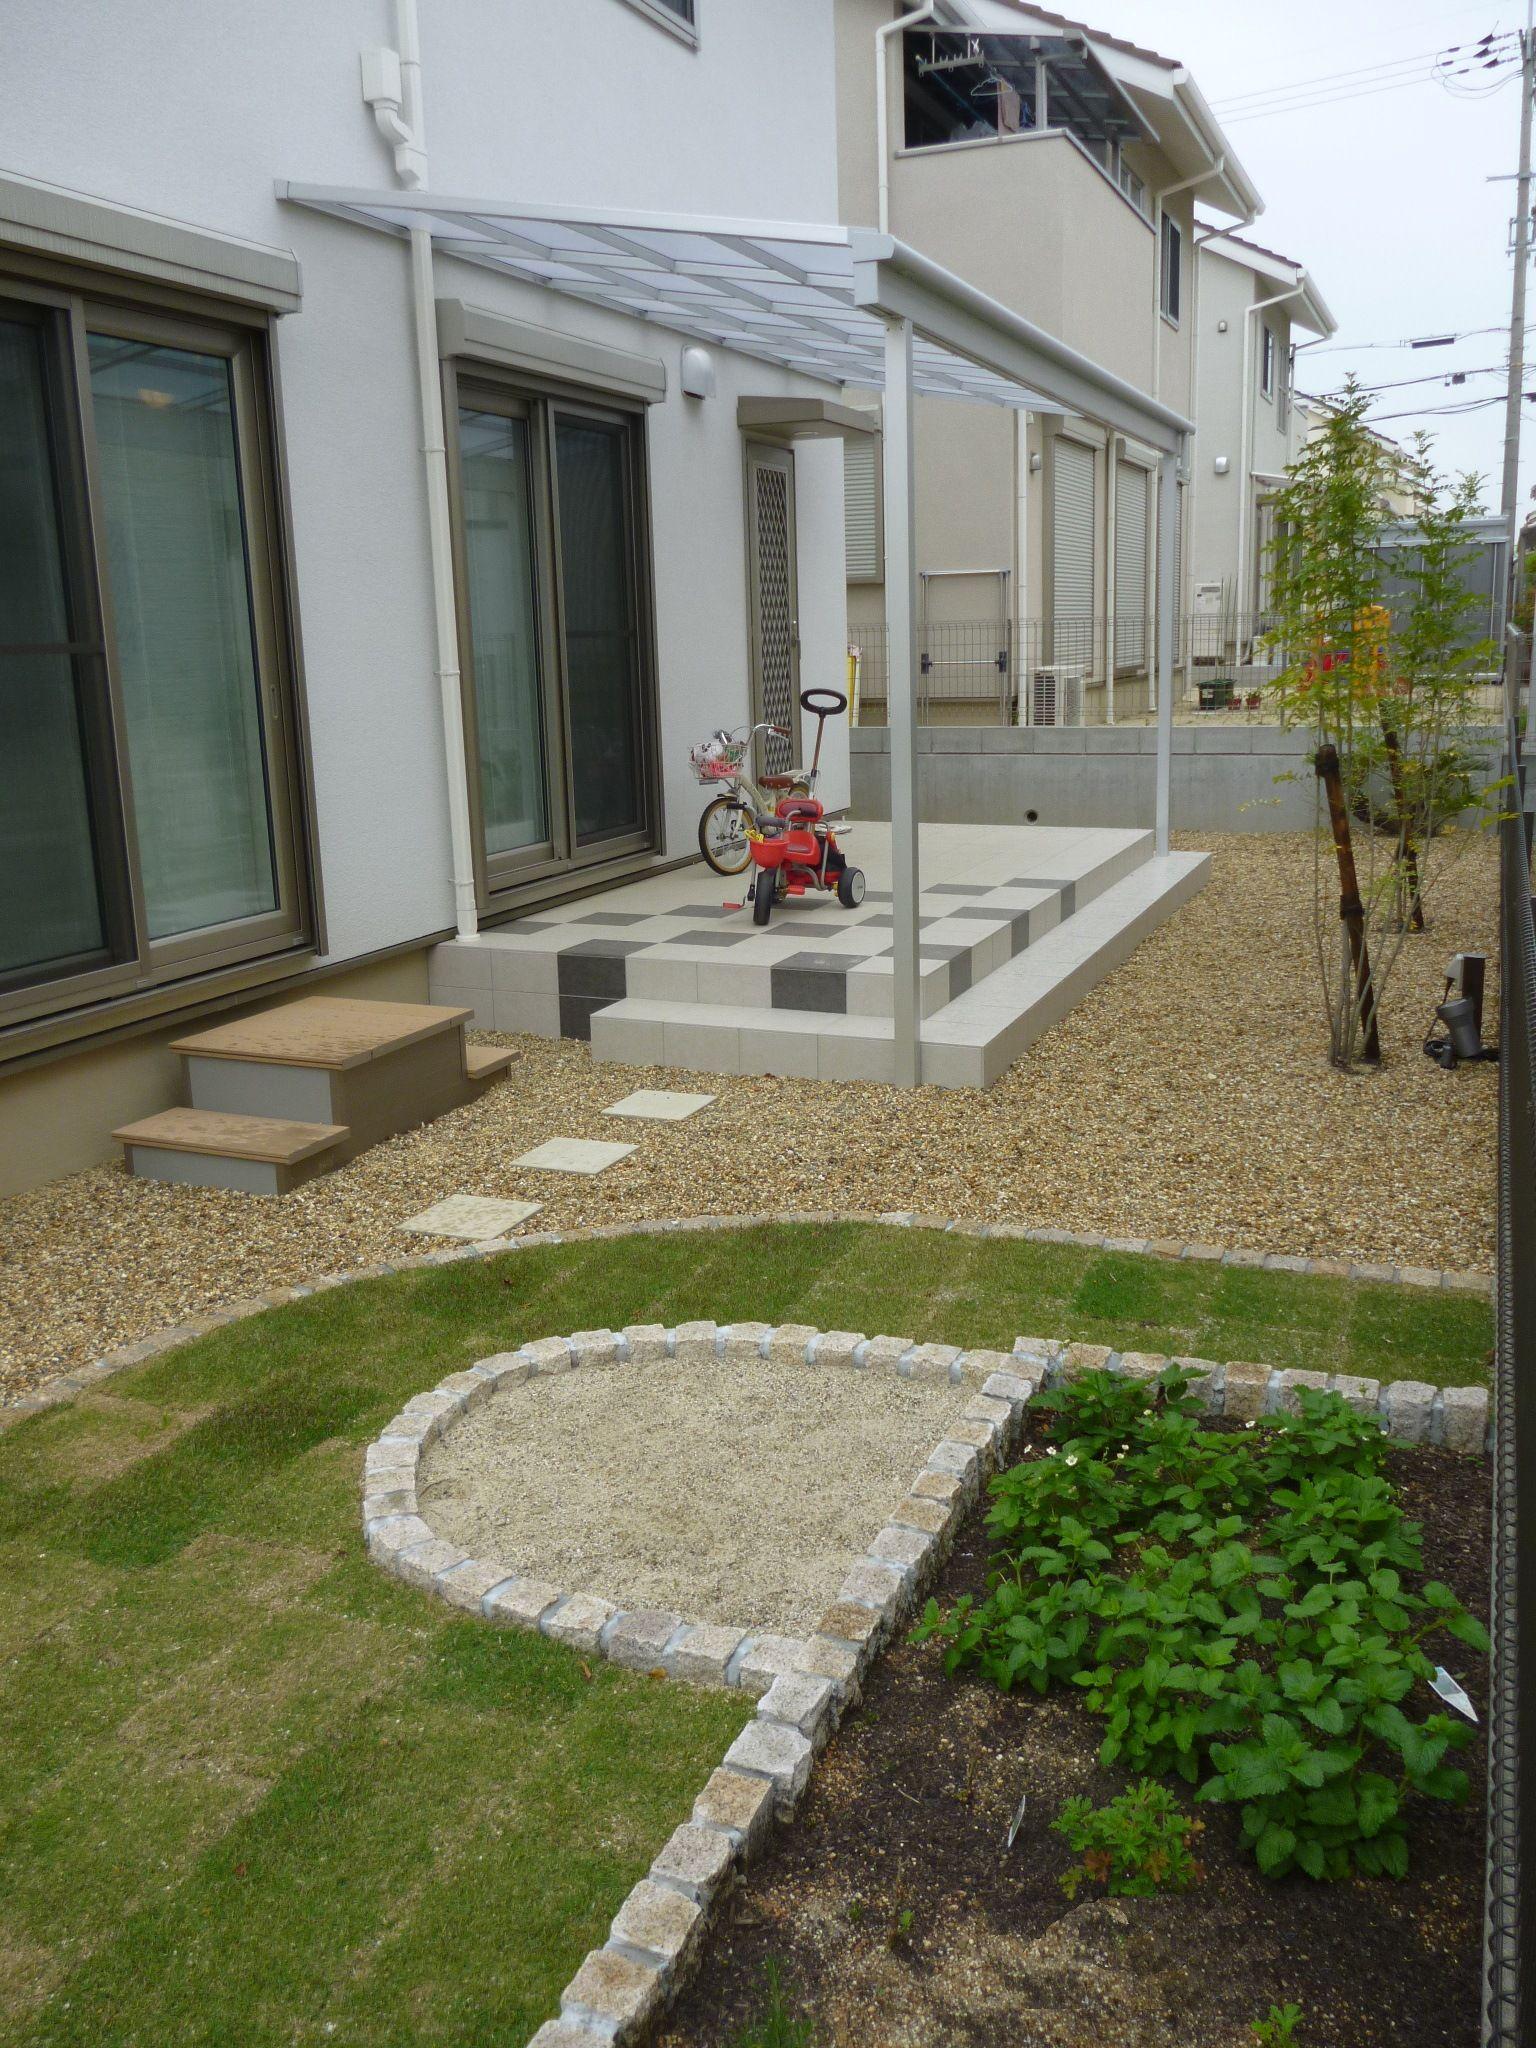 芝と砂場で遊べる庭 生駒市 奈良県 エクステリア 外構 新築外構